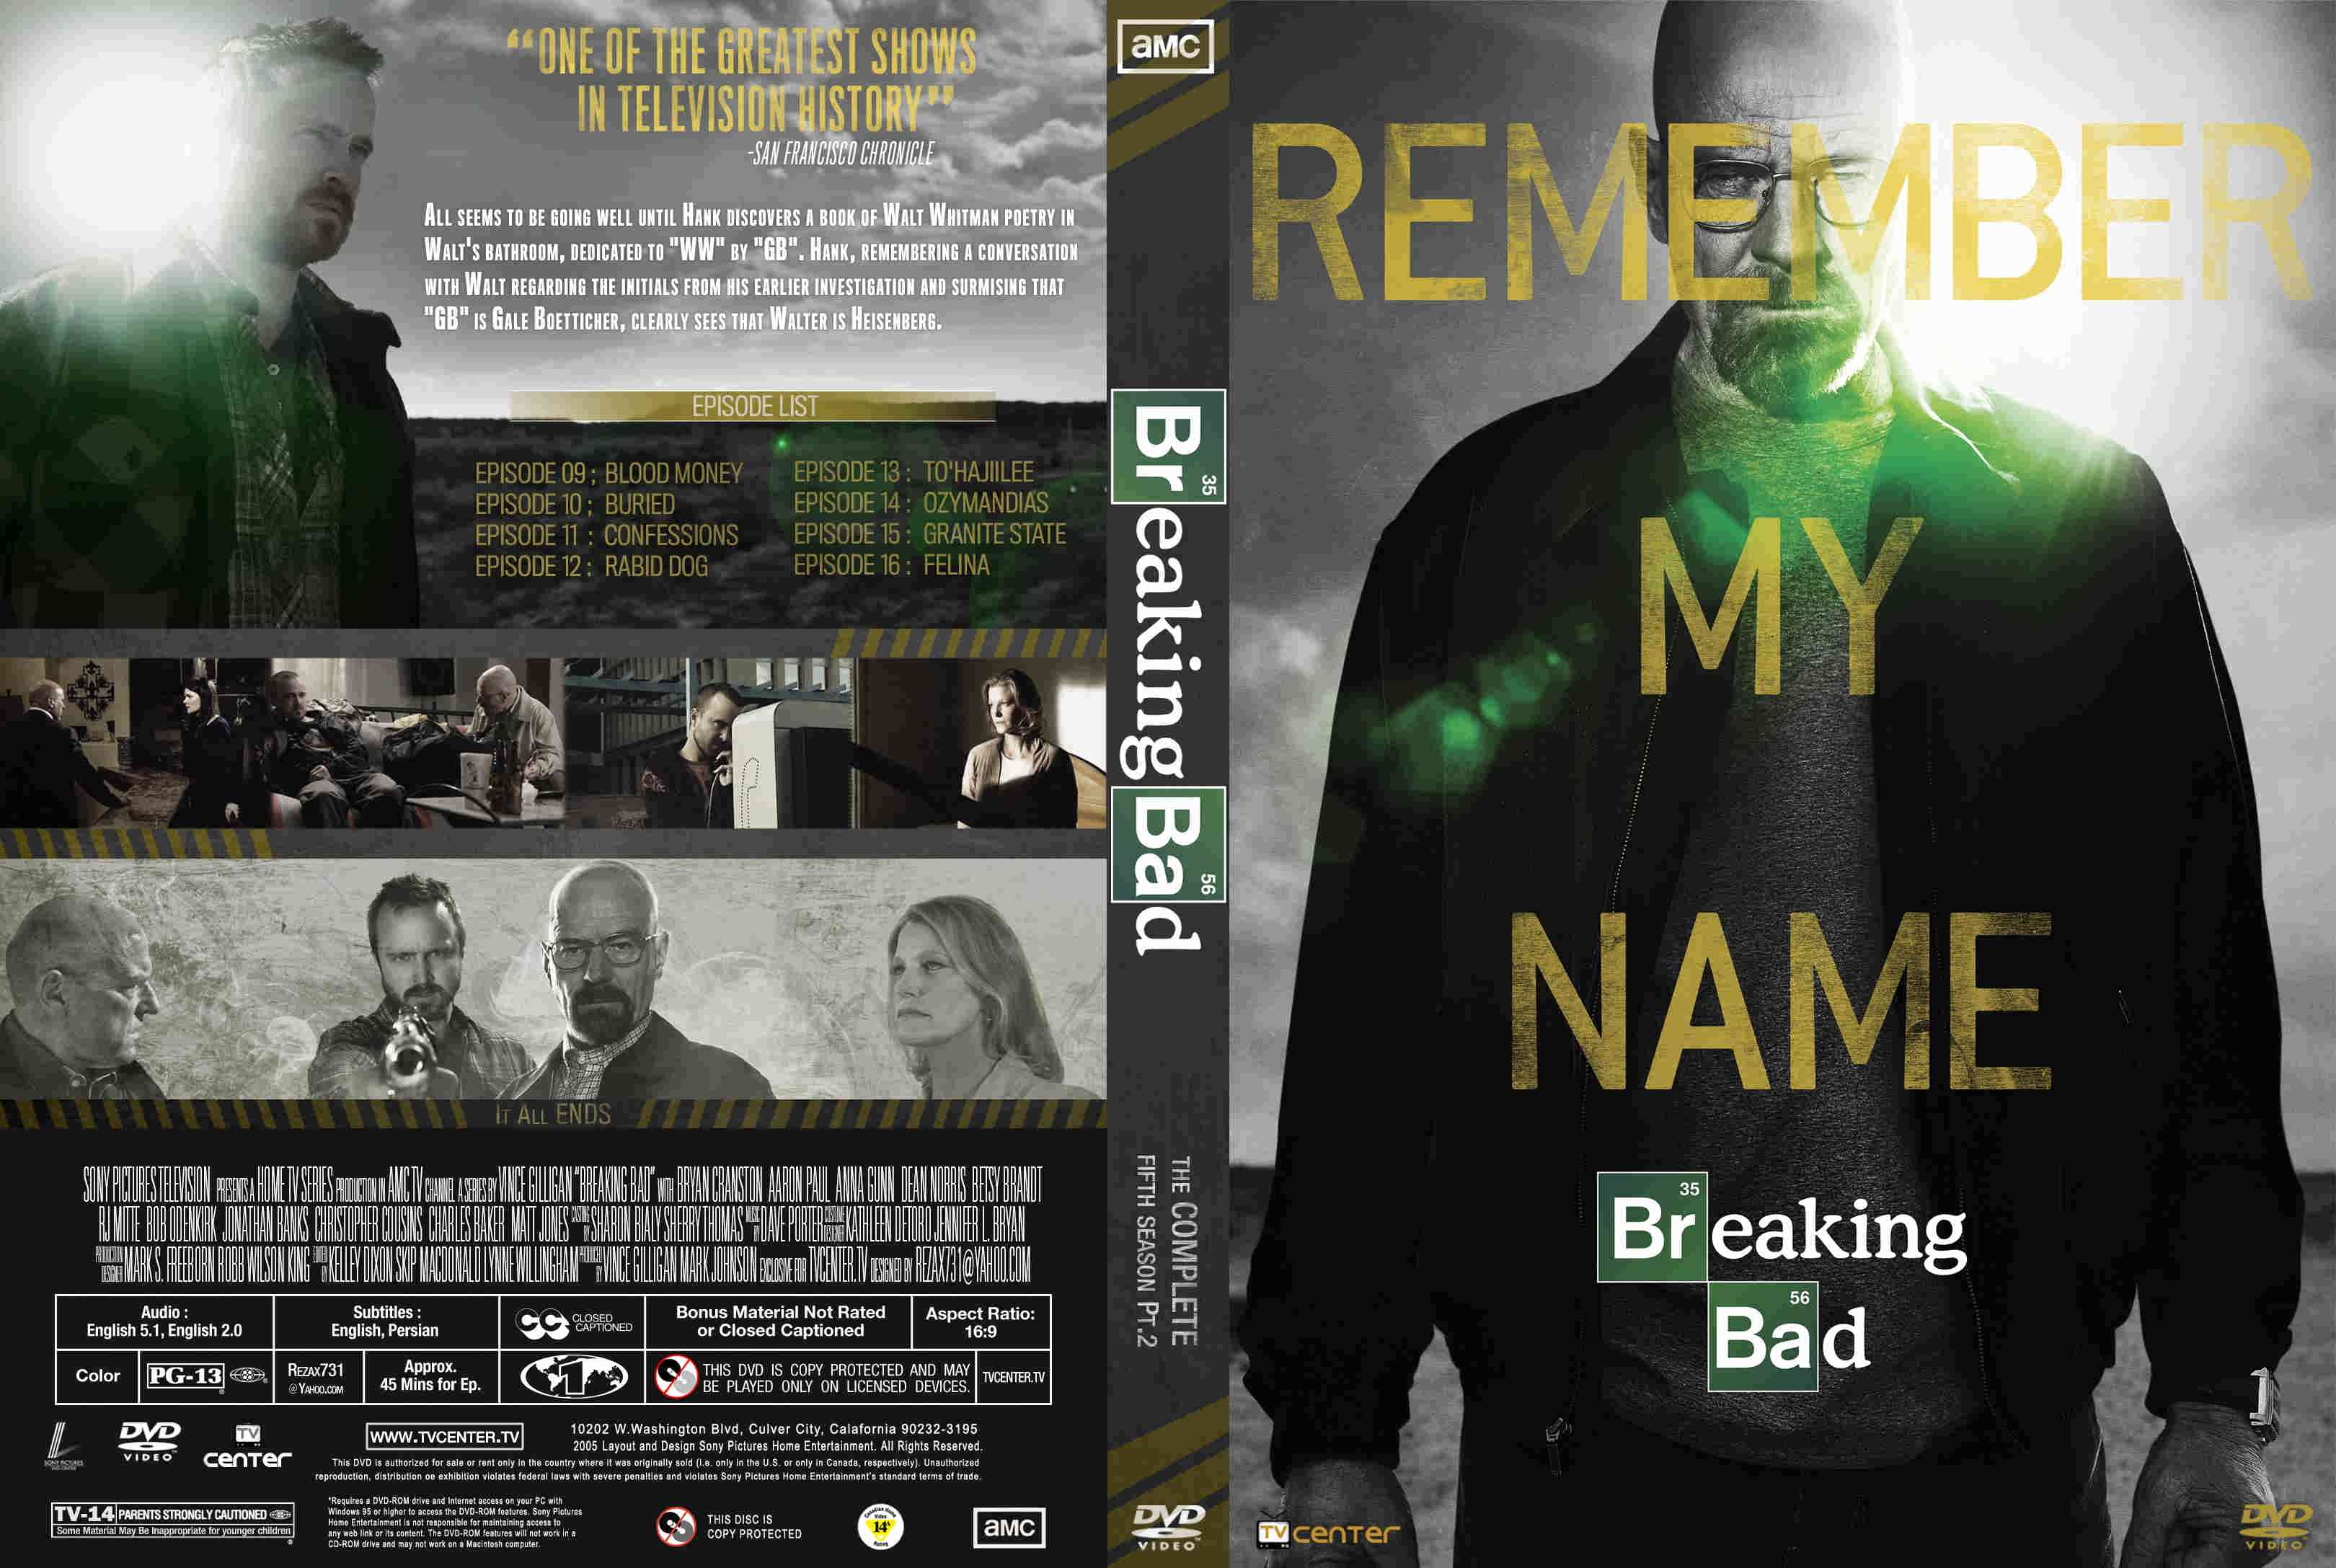 cover serial breaking bad6 - سریال بریکینگ بد Breaking Bad فصل پنجم با دوبله فارسی قسمت ۳